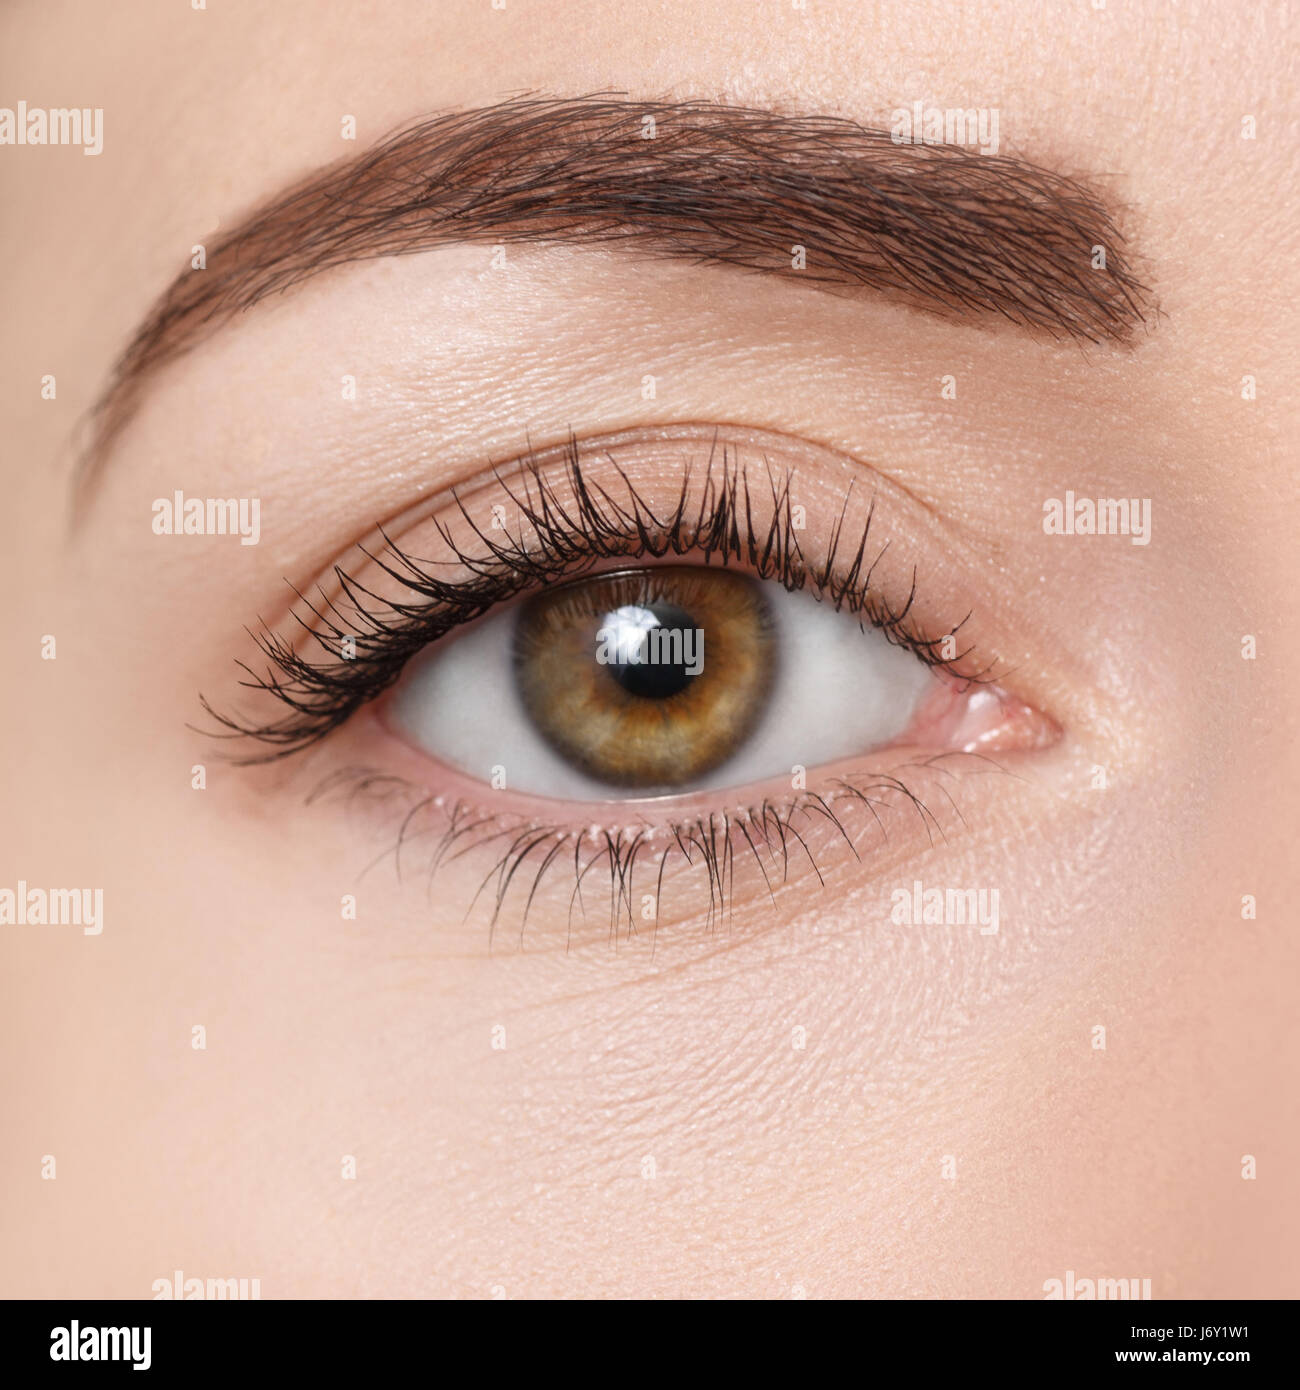 Nahaufnahme Von Braunen Auge Schöne Makro Bild Des Weiblichen Auges